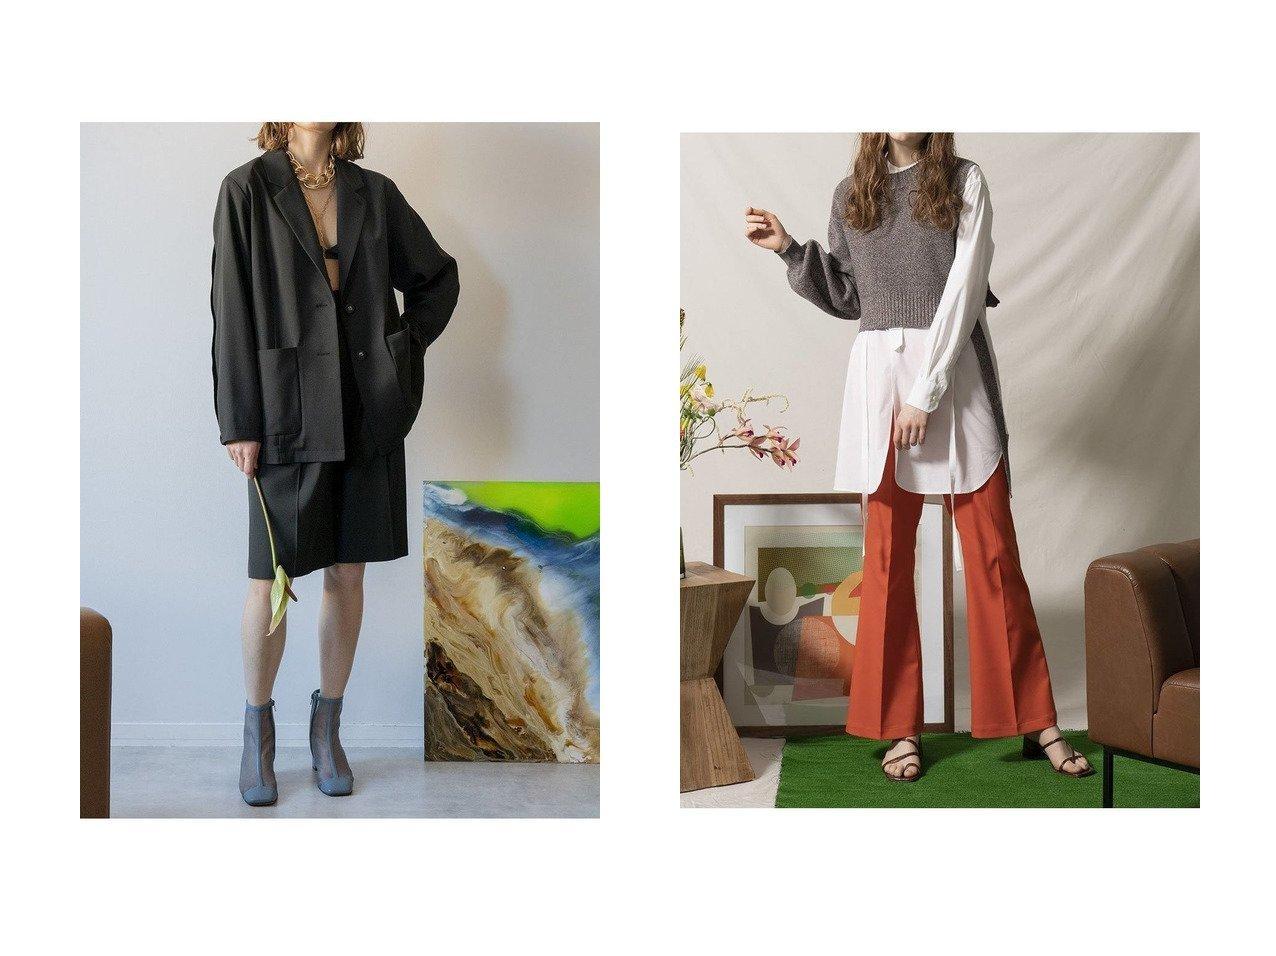 【MAISON SPECIAL/メゾンスペシャル】のアシンメトリースリーブニット&アウトシームジャケット メゾンスペシャルのおすすめ!人気、トレンド・レディースファッションの通販  おすすめで人気の流行・トレンド、ファッションの通販商品 メンズファッション・キッズファッション・インテリア・家具・レディースファッション・服の通販 founy(ファニー) https://founy.com/ ファッション Fashion レディースファッション WOMEN トップス カットソー Tops Tshirt ニット Knit Tops プルオーバー Pullover アウター Coat Outerwear ジャケット Jackets アシンメトリー 春 Spring カットソー クール ショート スリーブ フィット ボトルネック リボン 2021年 2021 S/S 春夏 SS Spring/Summer 2021 春夏 S/S SS Spring/Summer 2021 おすすめ Recommend クラシック ジャケット ストライプ ダウン ポケット マニッシュ |ID:crp329100000021136